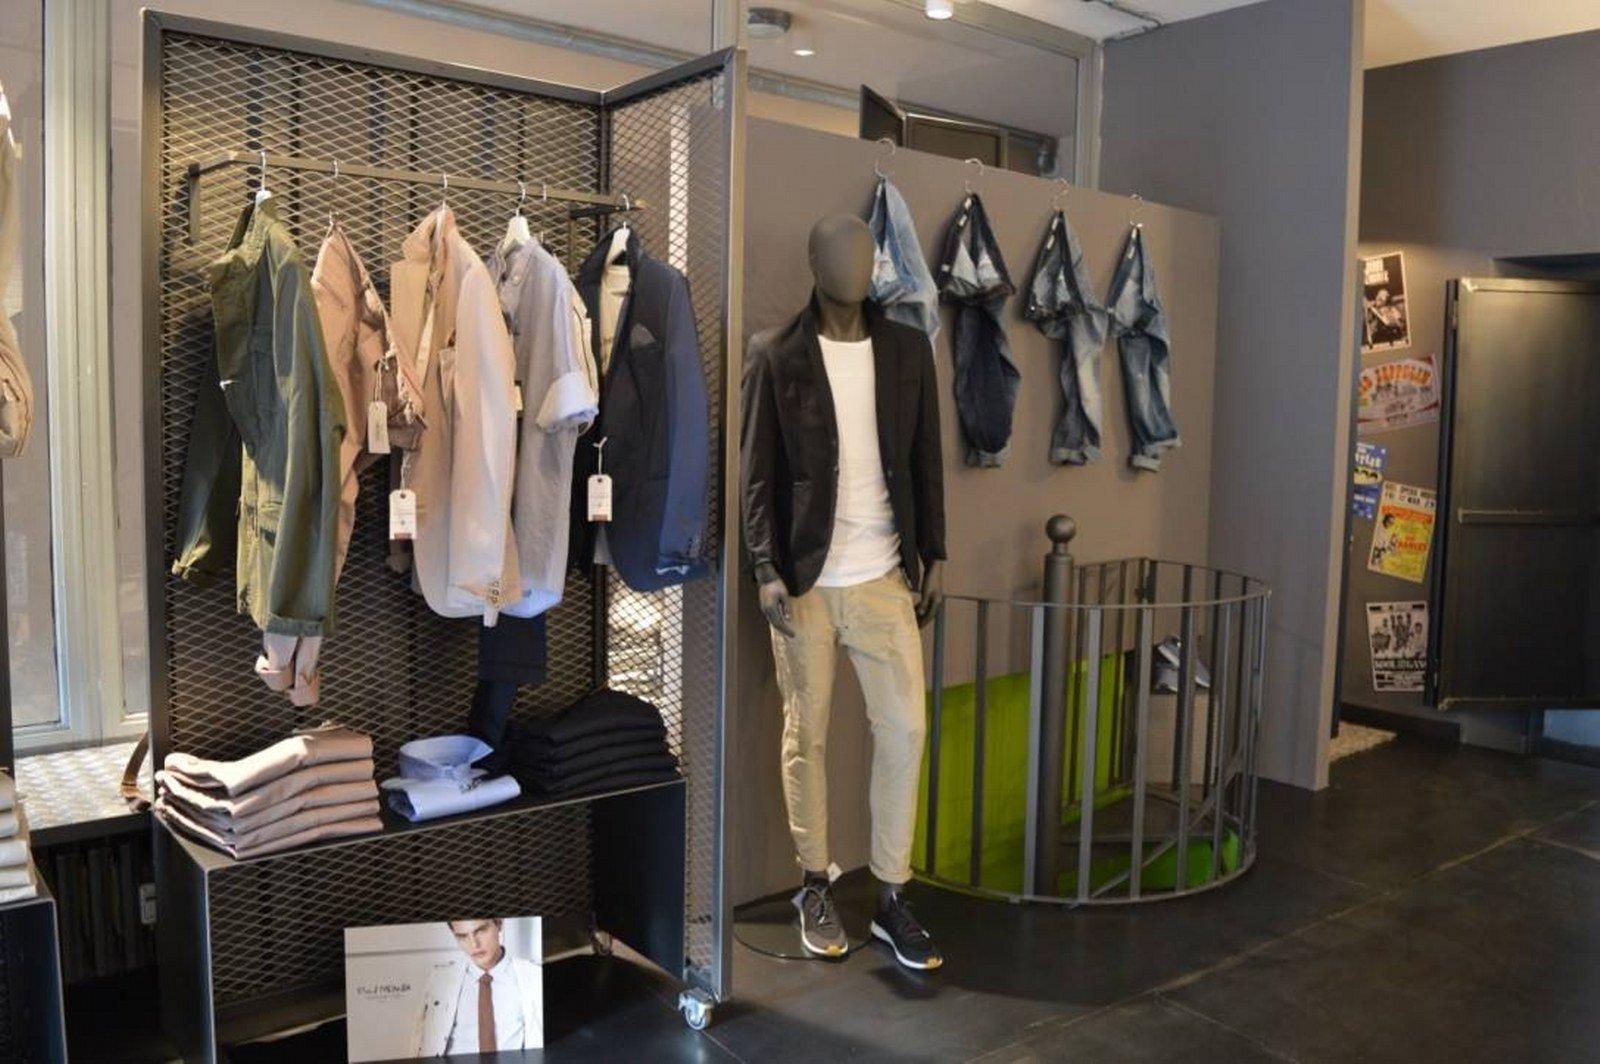 negozio d'abbigliamento con strutture in ferro